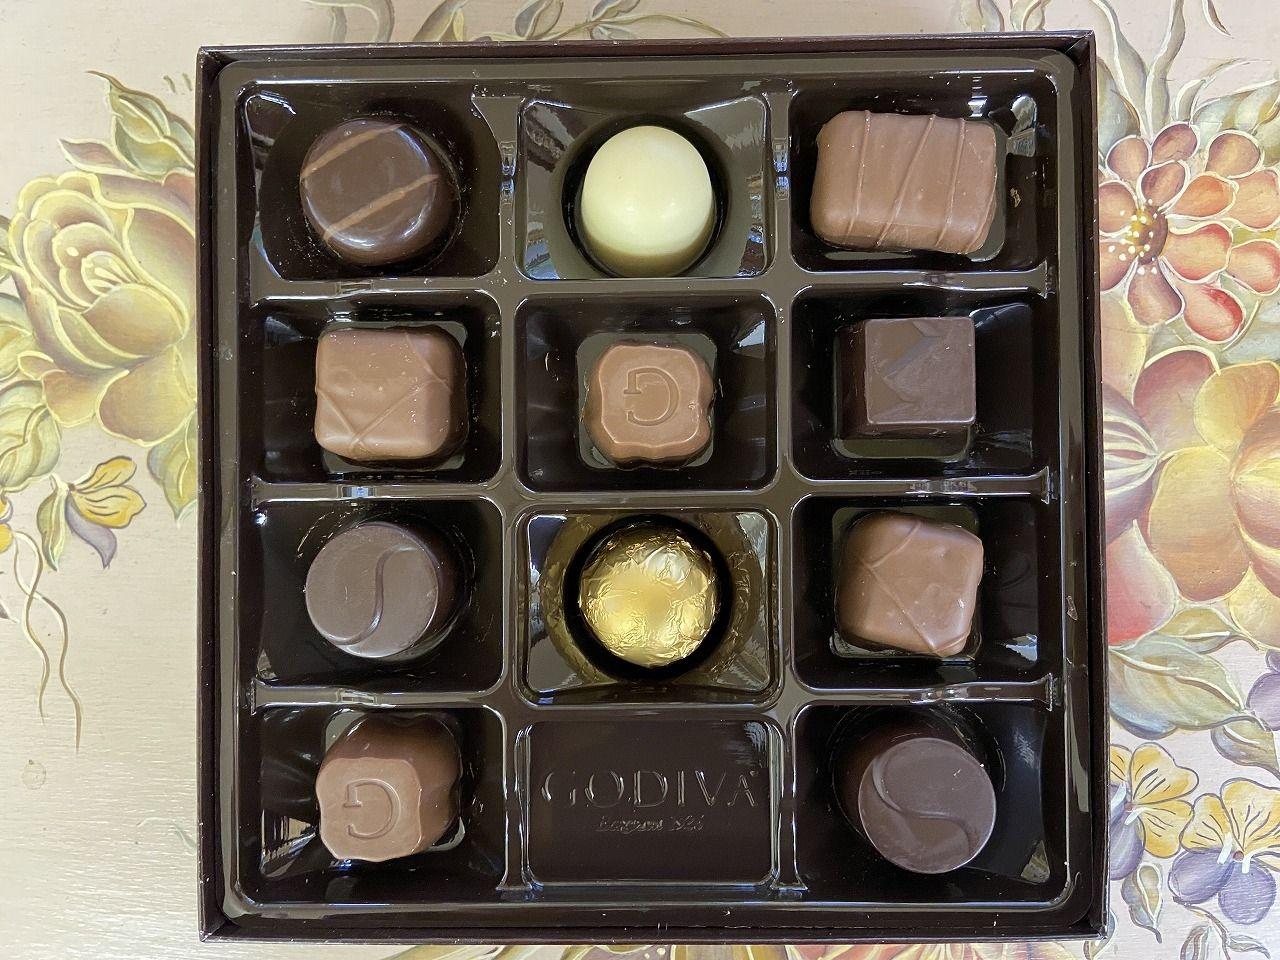 О様から頂いたゴディバのチョコレート